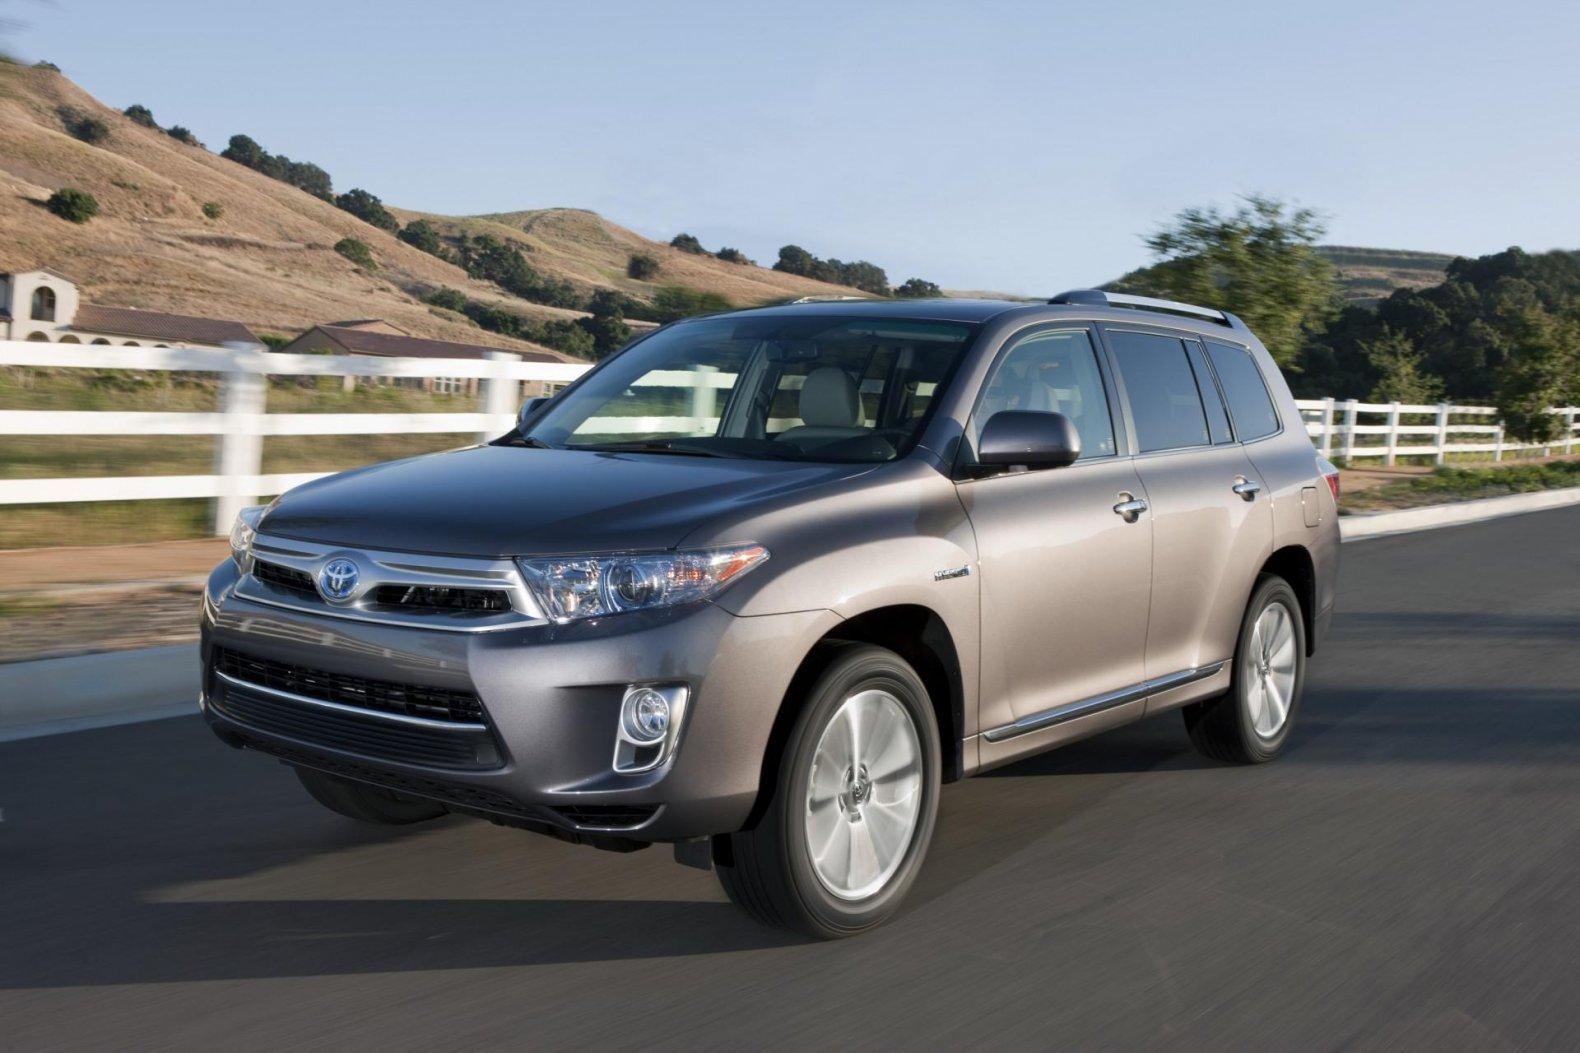 Used 2012 Toyota Highlander Hybrid for sale - Pricing ...